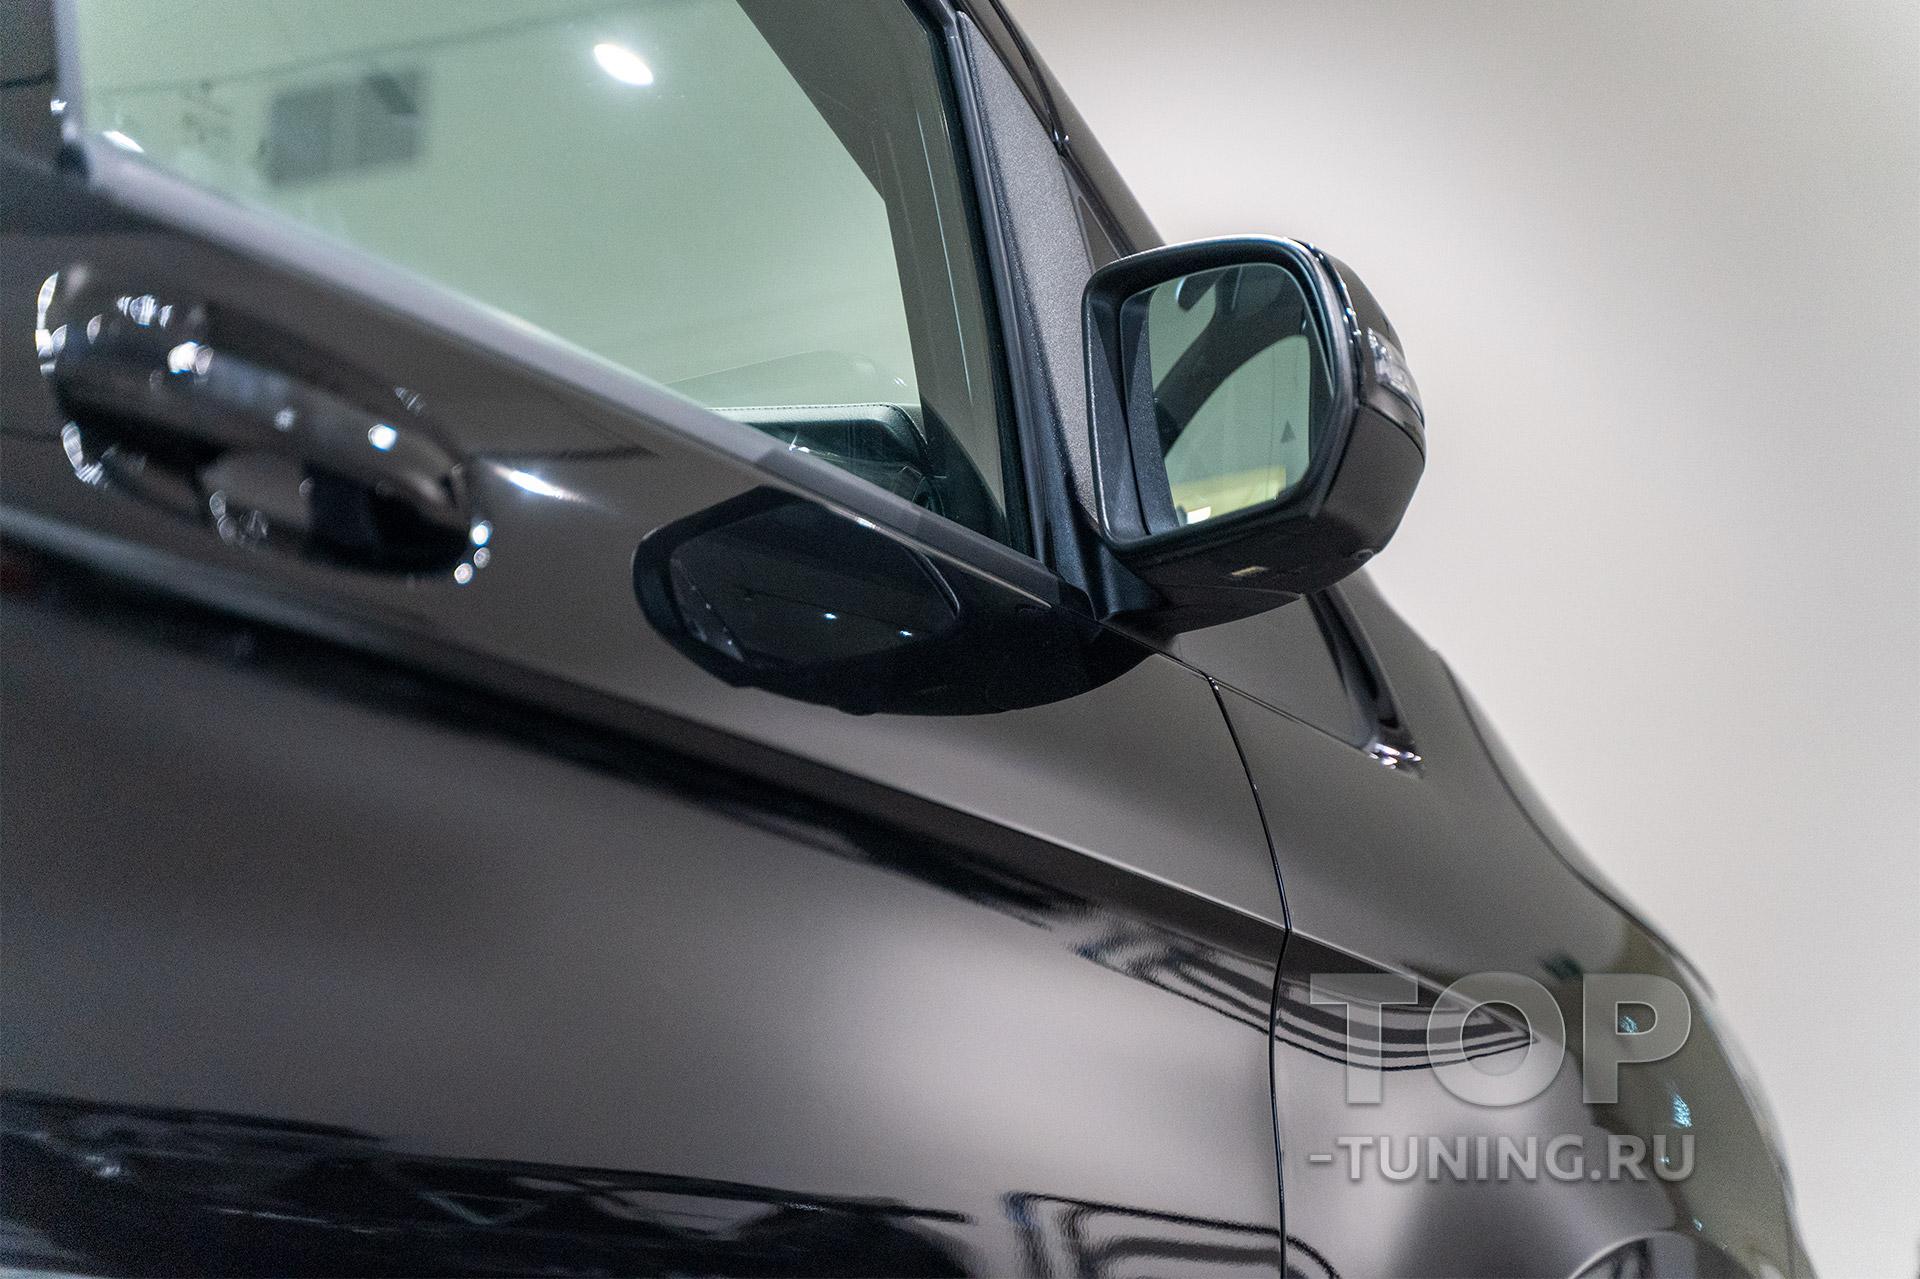 Mercedes-Benz V-class W447 - защита от камней и царапин, детейлинг кузова и салона